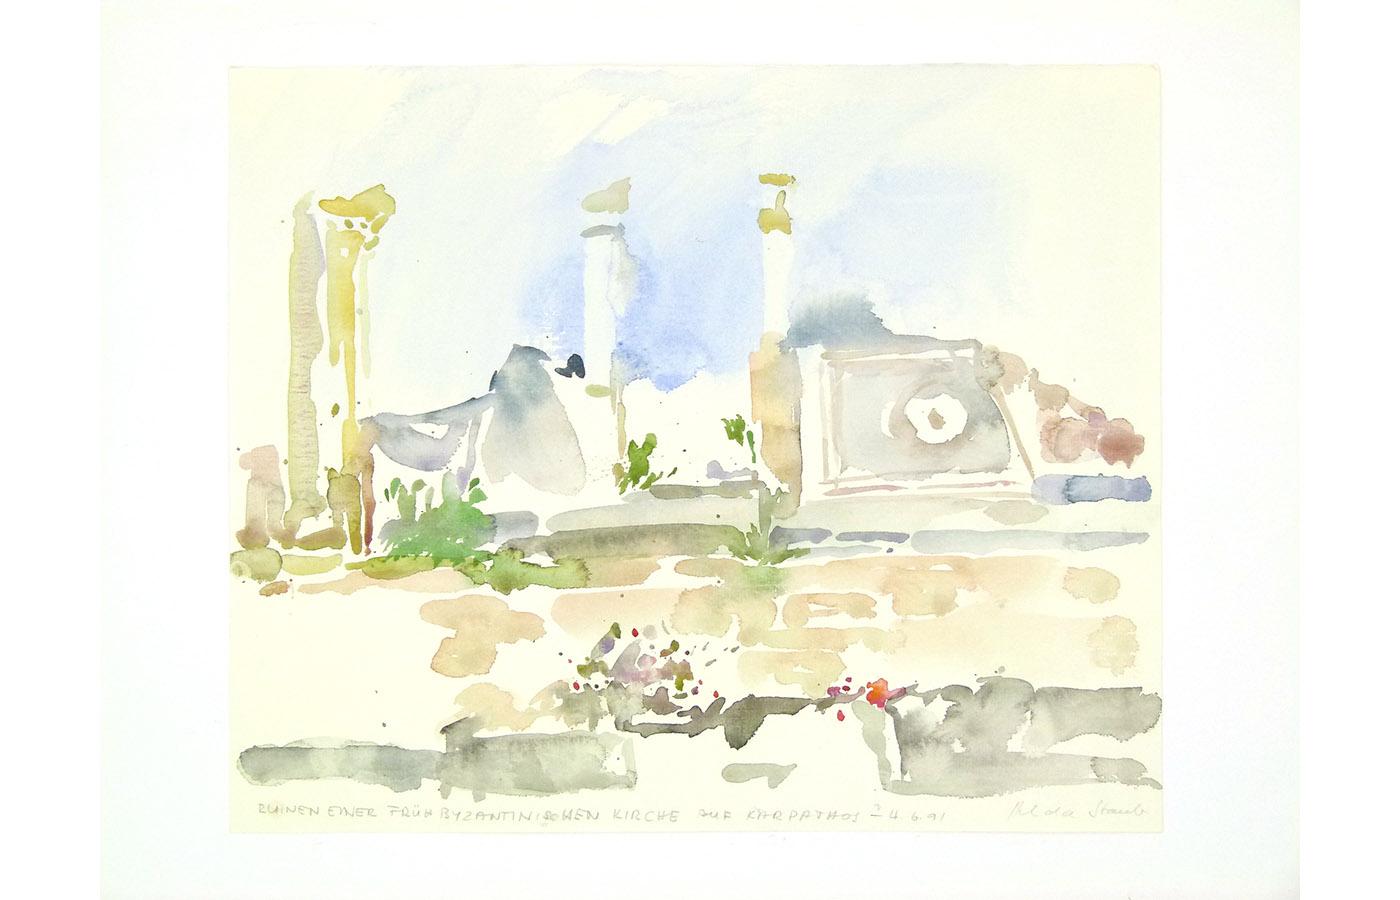 Landschaften und Reisebilder, Aquarell, 1991 bis 1993_0028_L1110045a